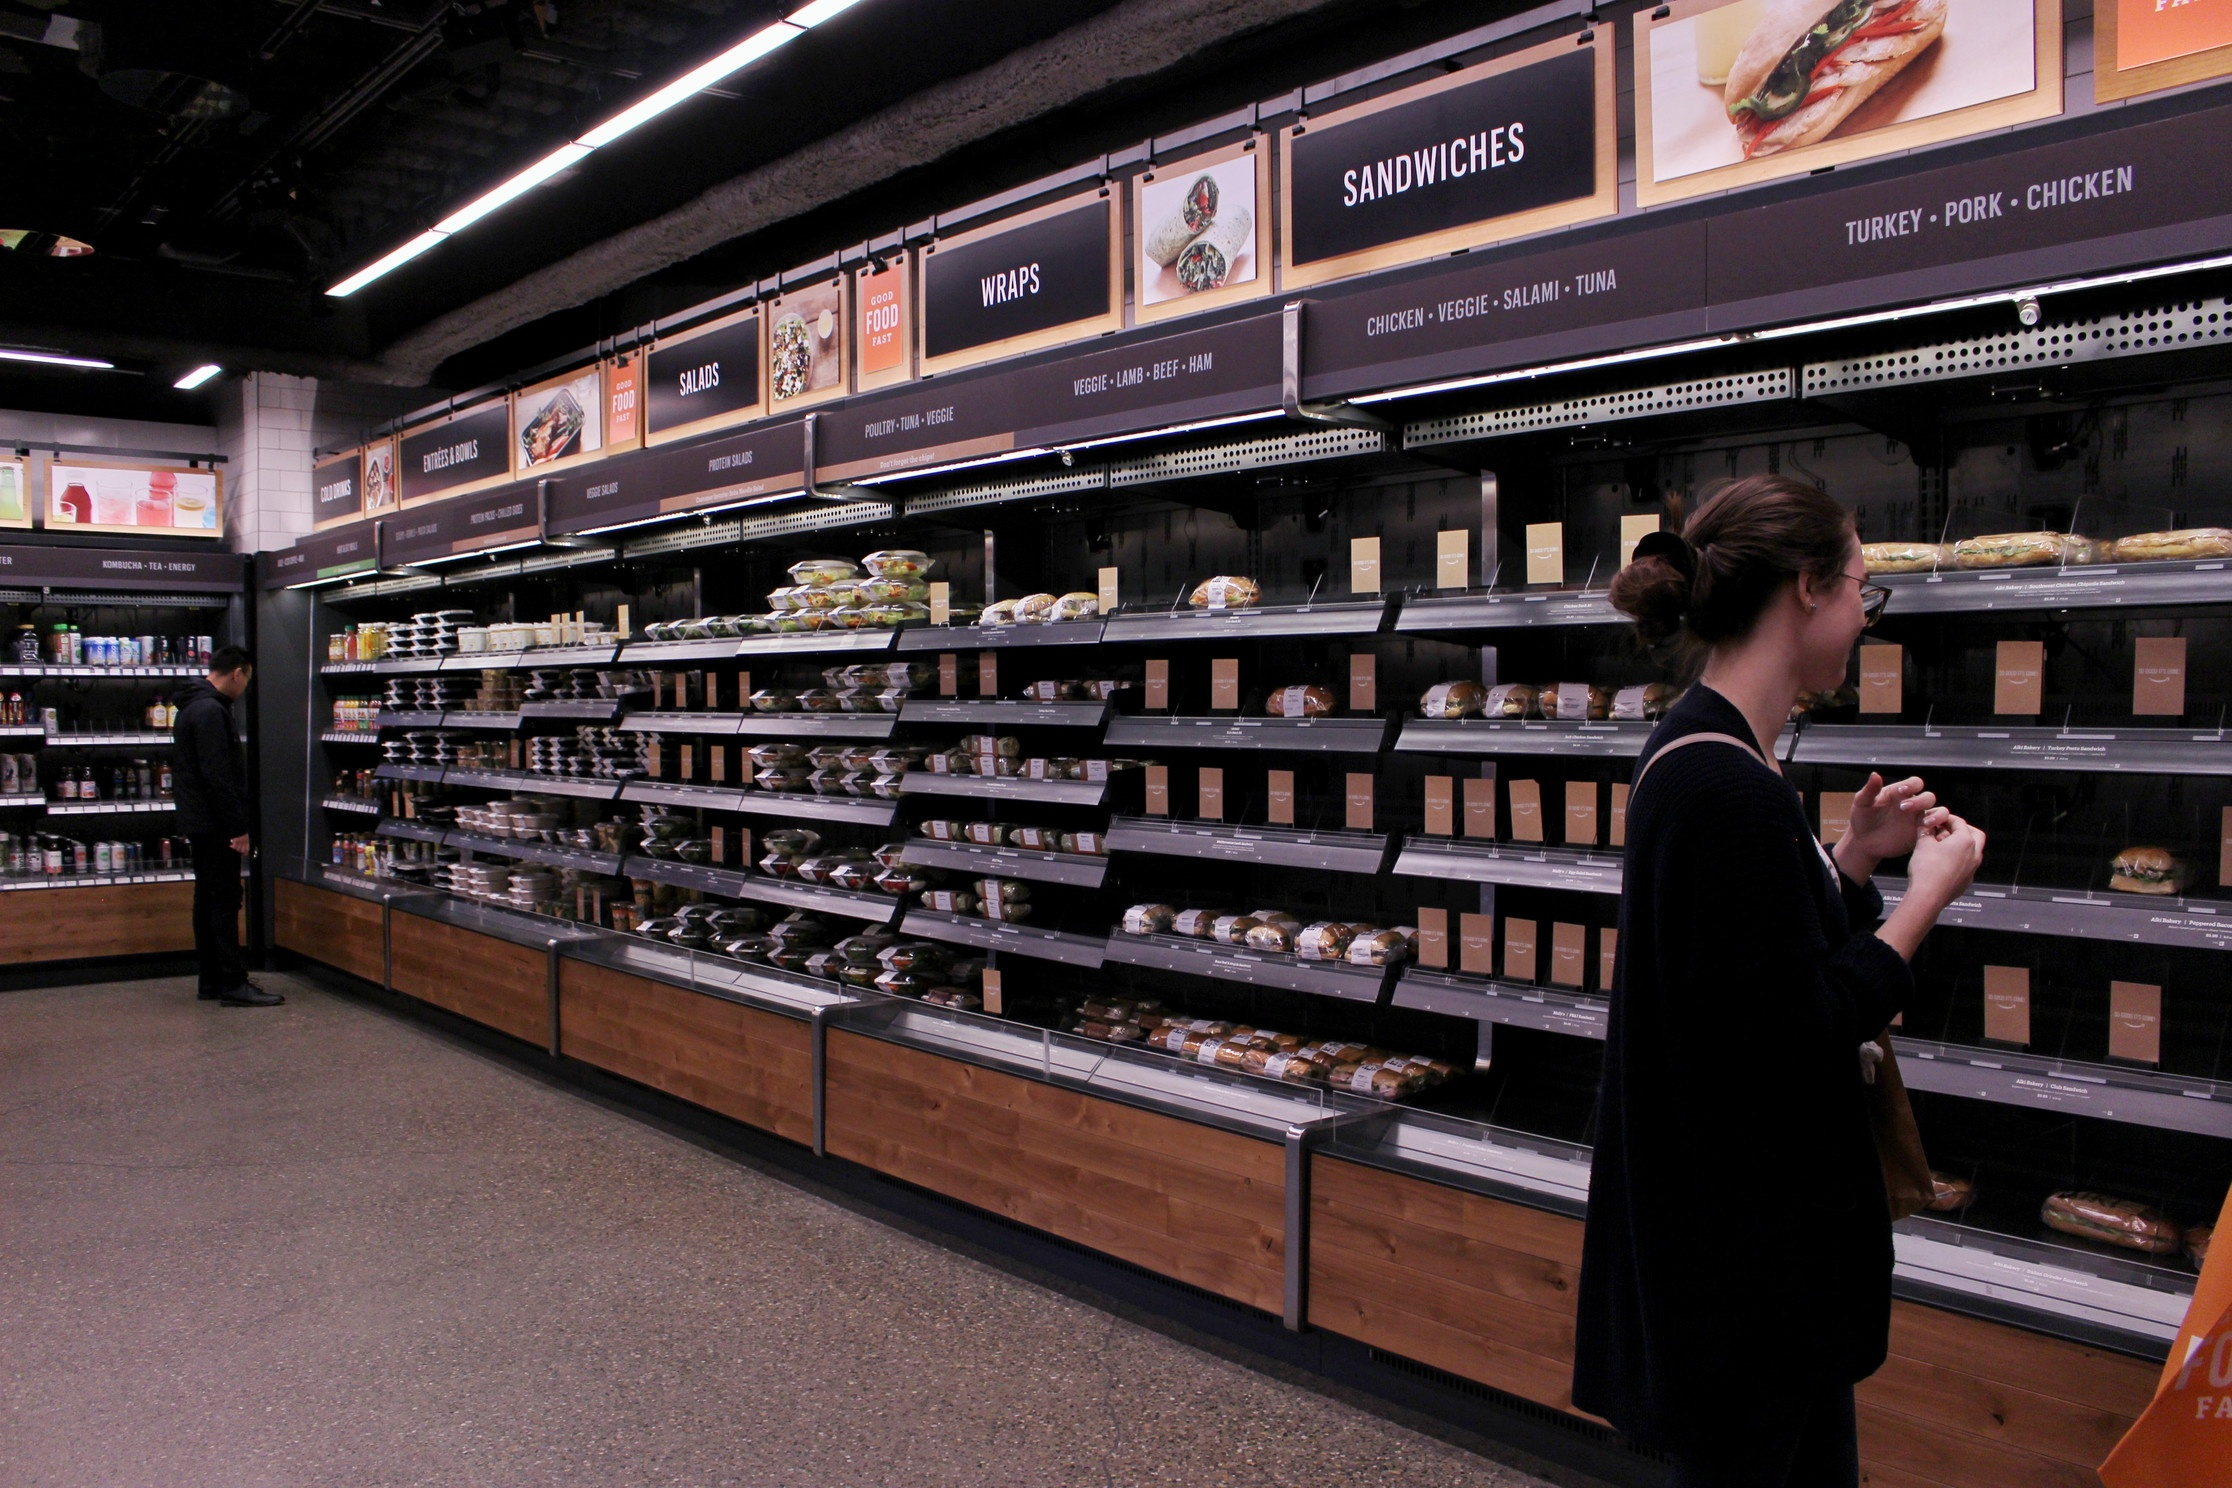 Kvinne ser seg rundt i en fysisk butikk